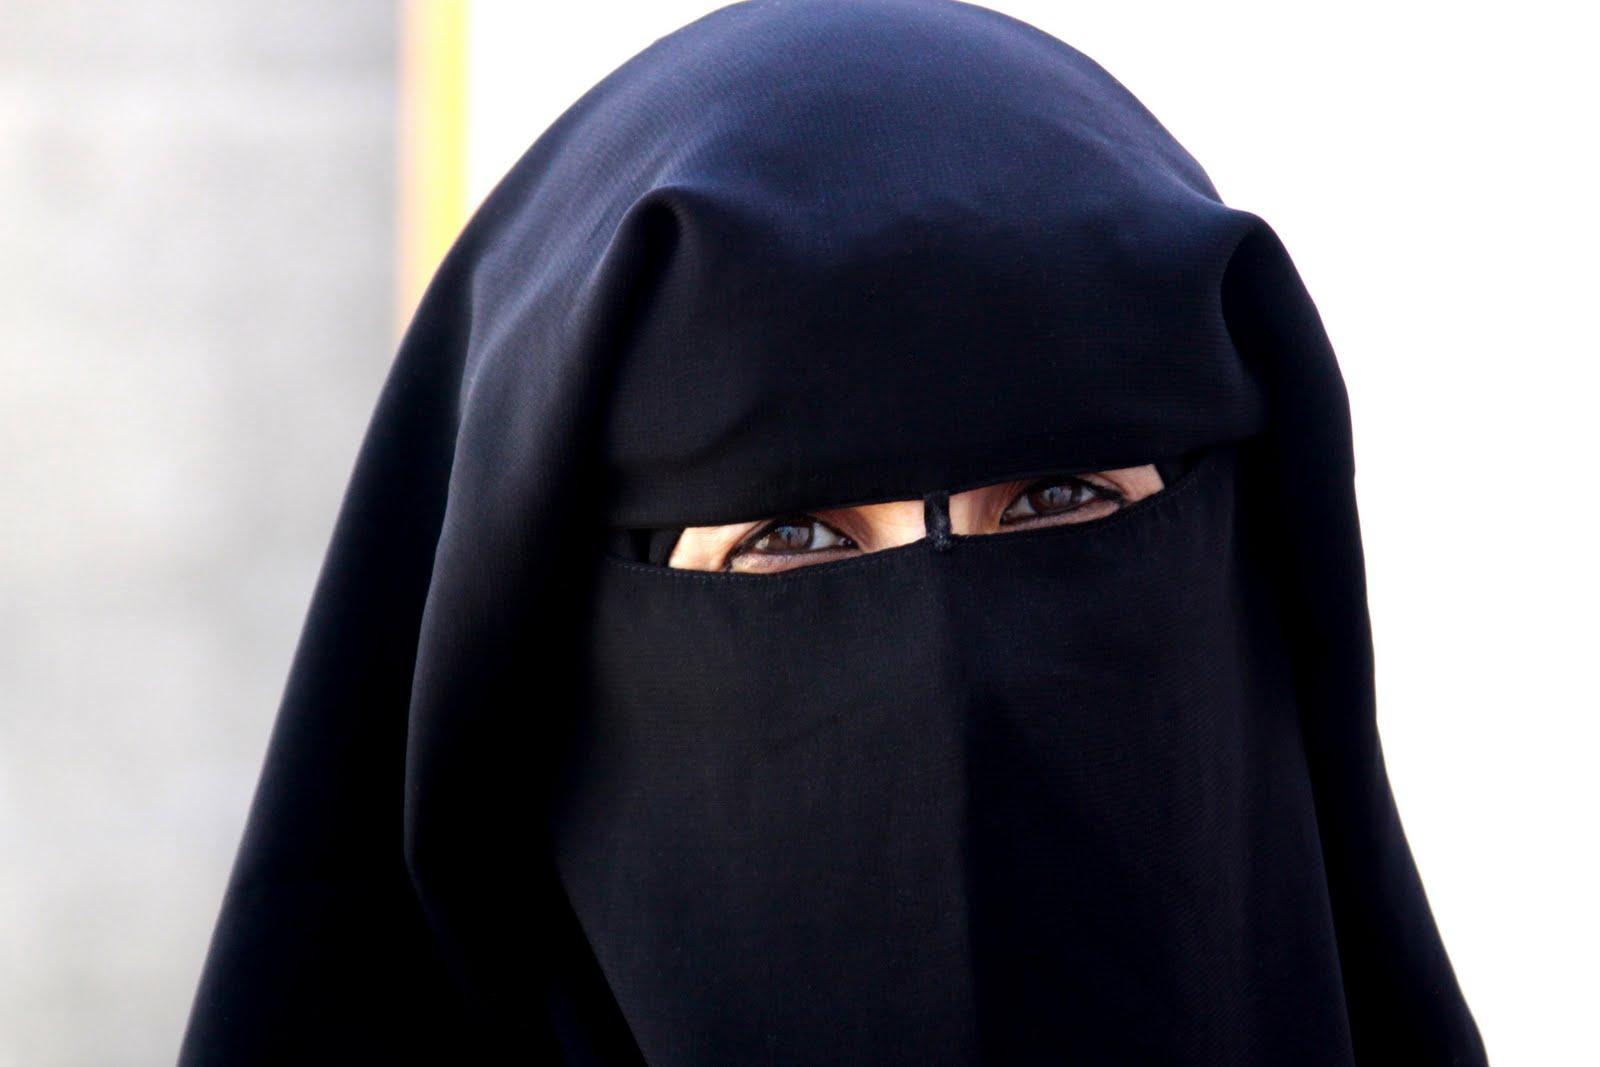 burka-lady.jpg